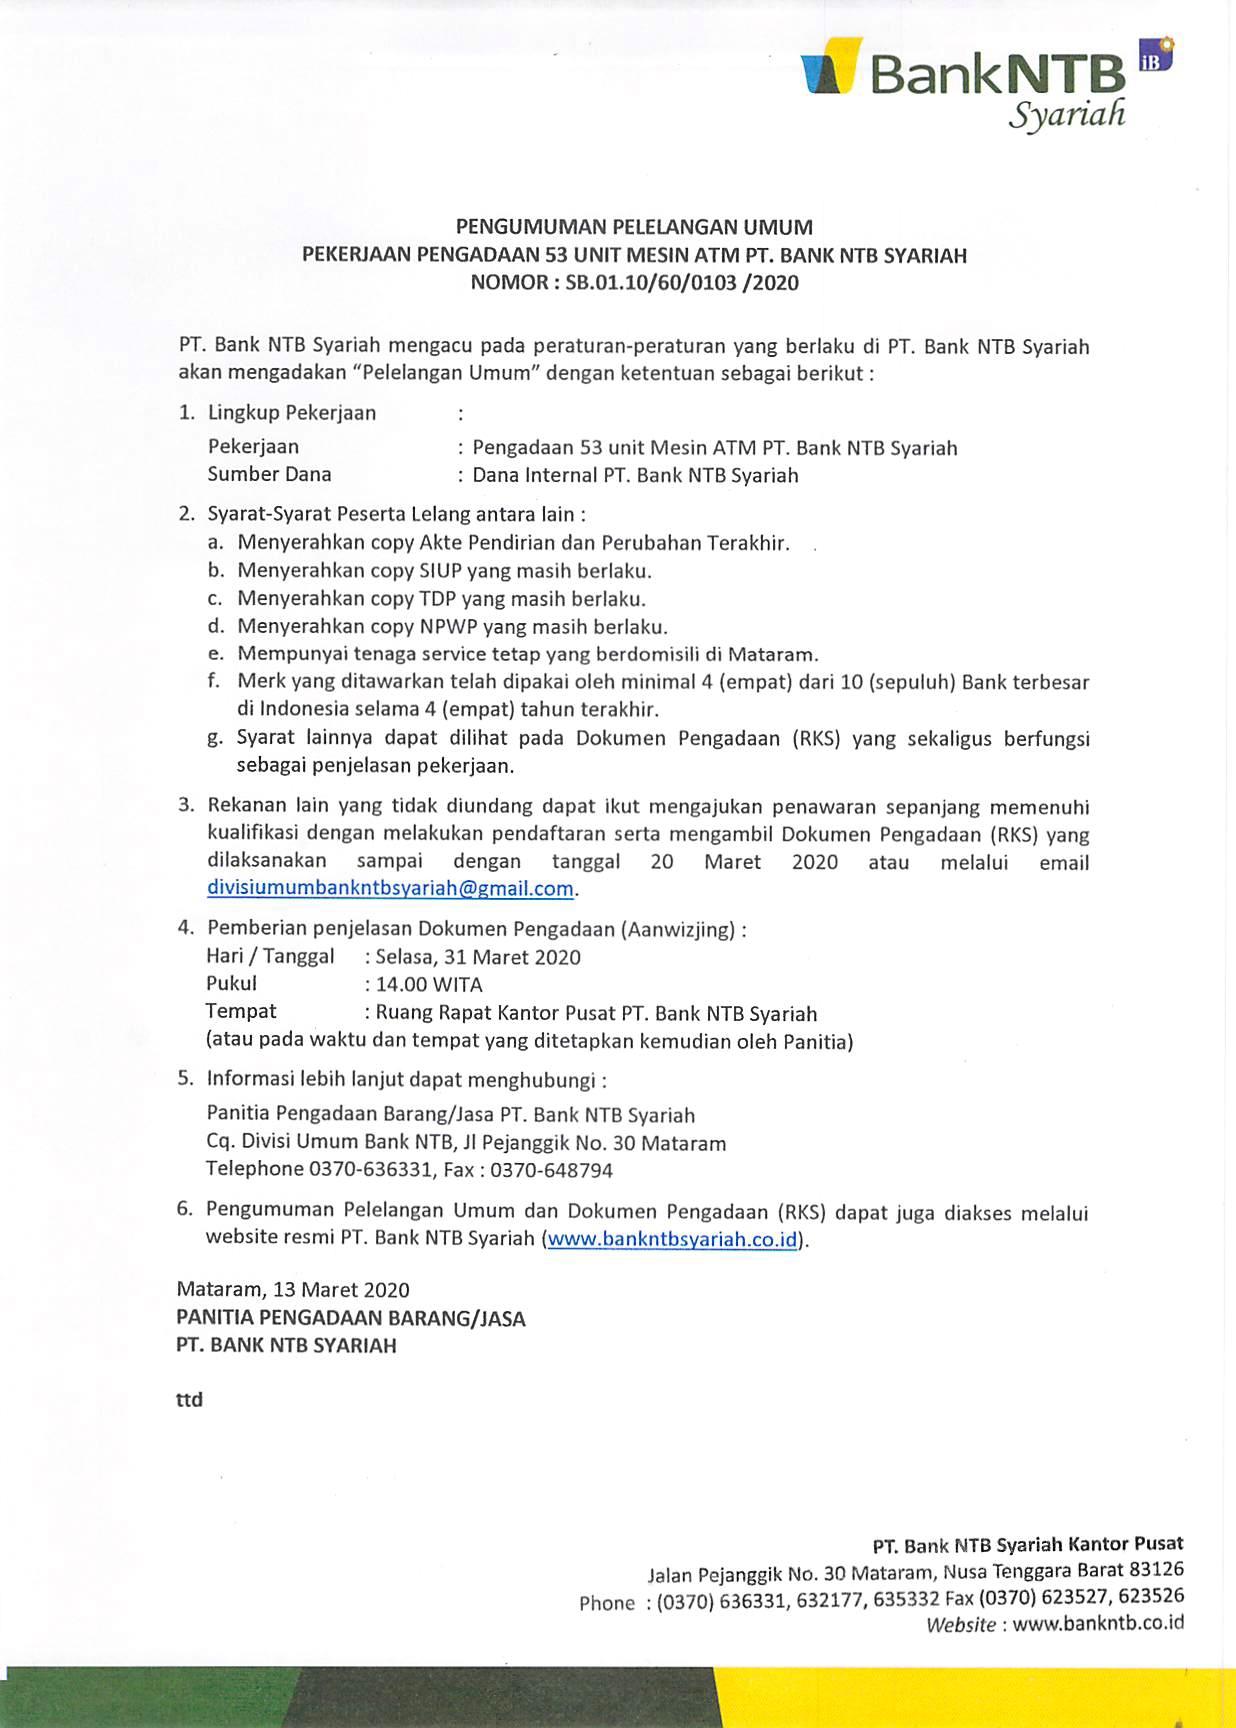 PENGUMUMAN-PELELANGAN-UMUM-PENGADAAN-53-UNIT-MESIN-ATM-PT-BANK-NTB-SYARIAH.html